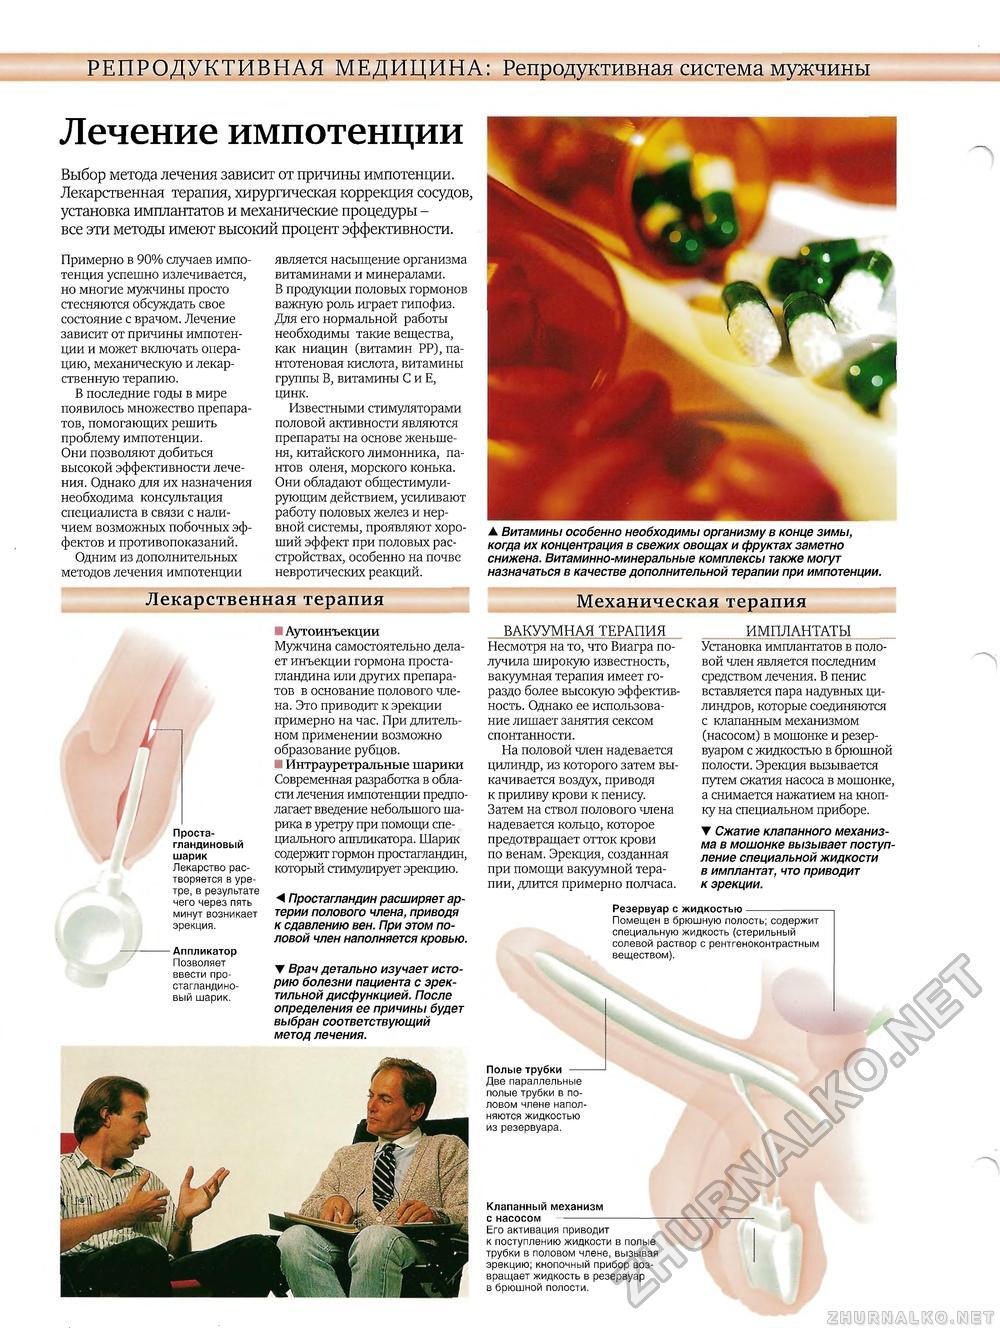 пажитник для увеличения бюста рецепт